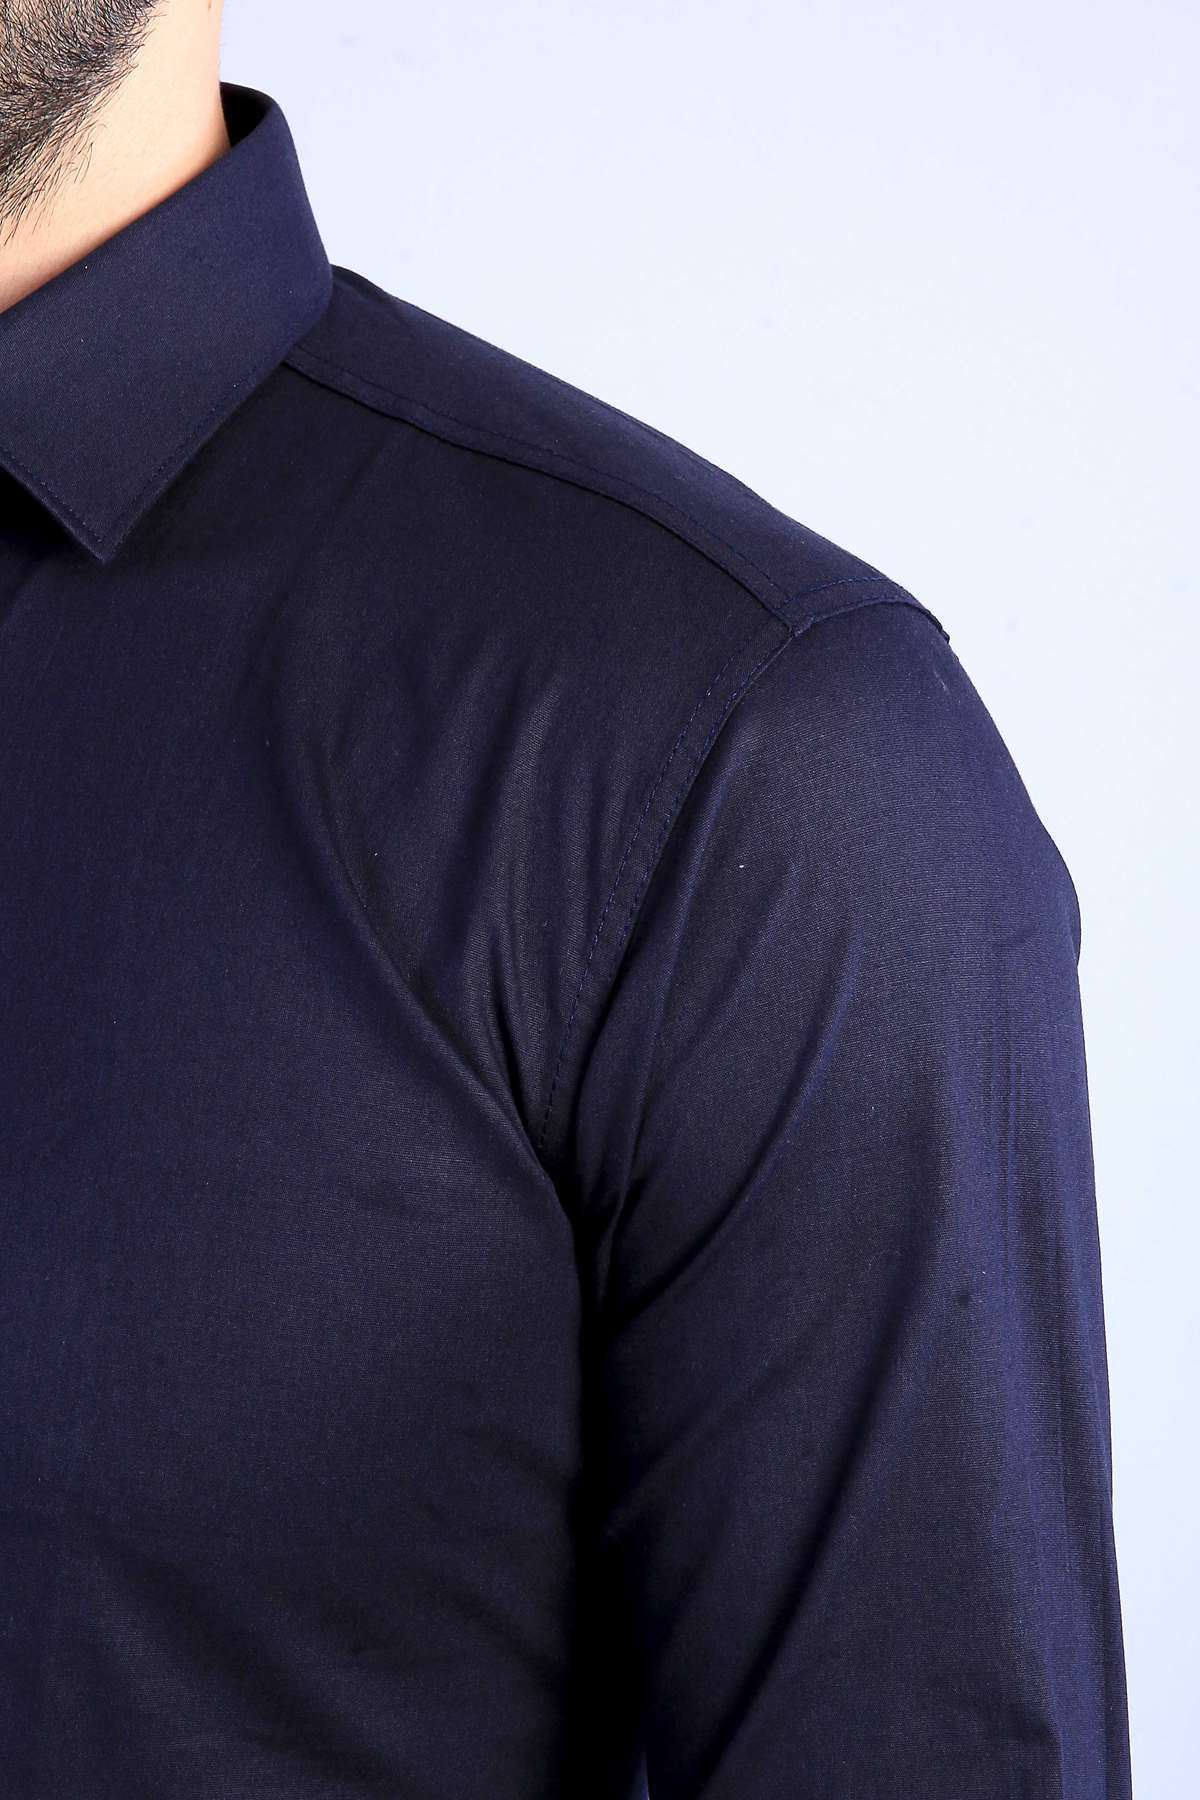 Klasik Yaka Uzun Kol Slim Fit Gömlek Koyu Lacivert